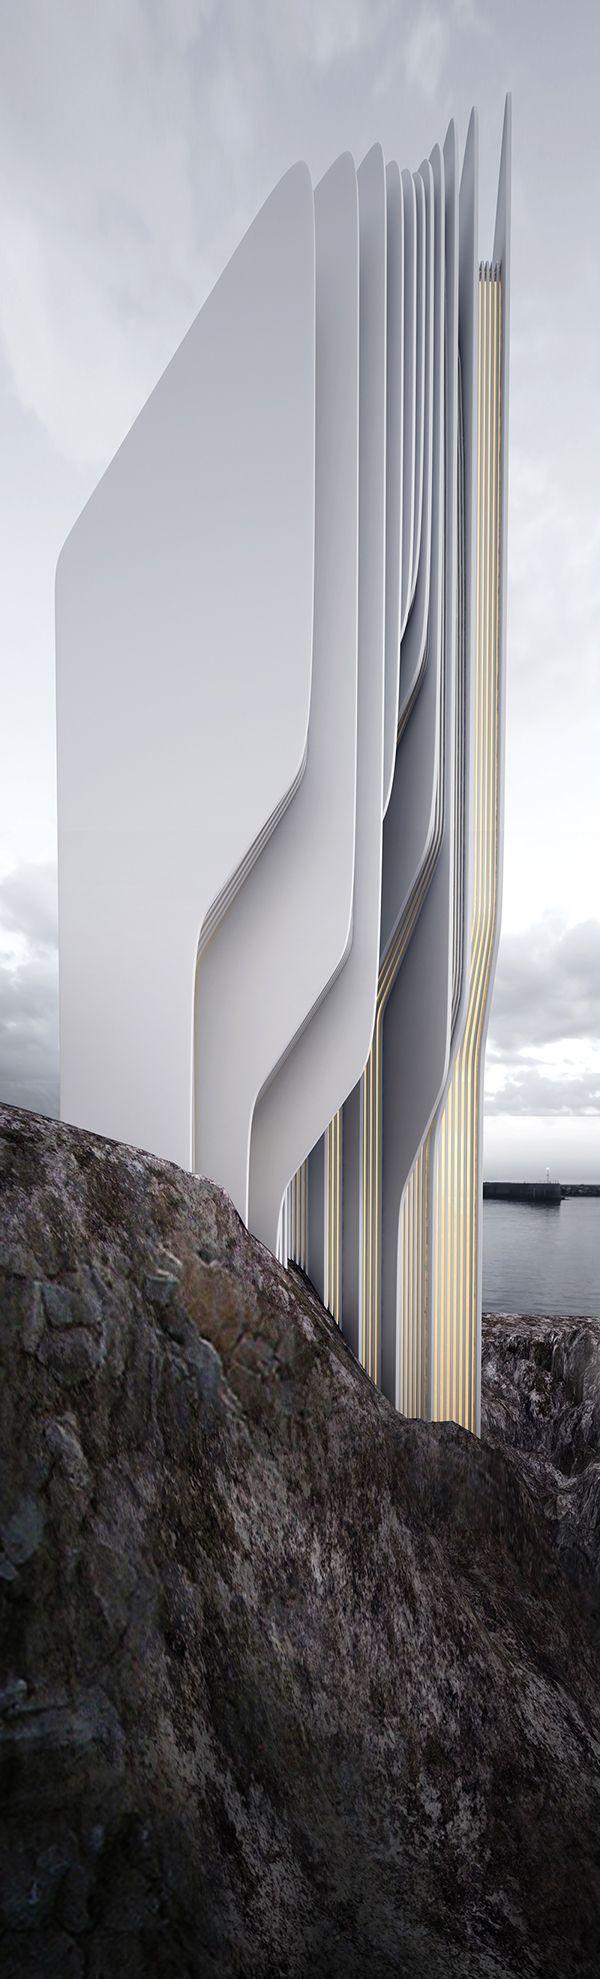 Achitecture concepts by Roman Vlasov | A VISUAL WHISPER